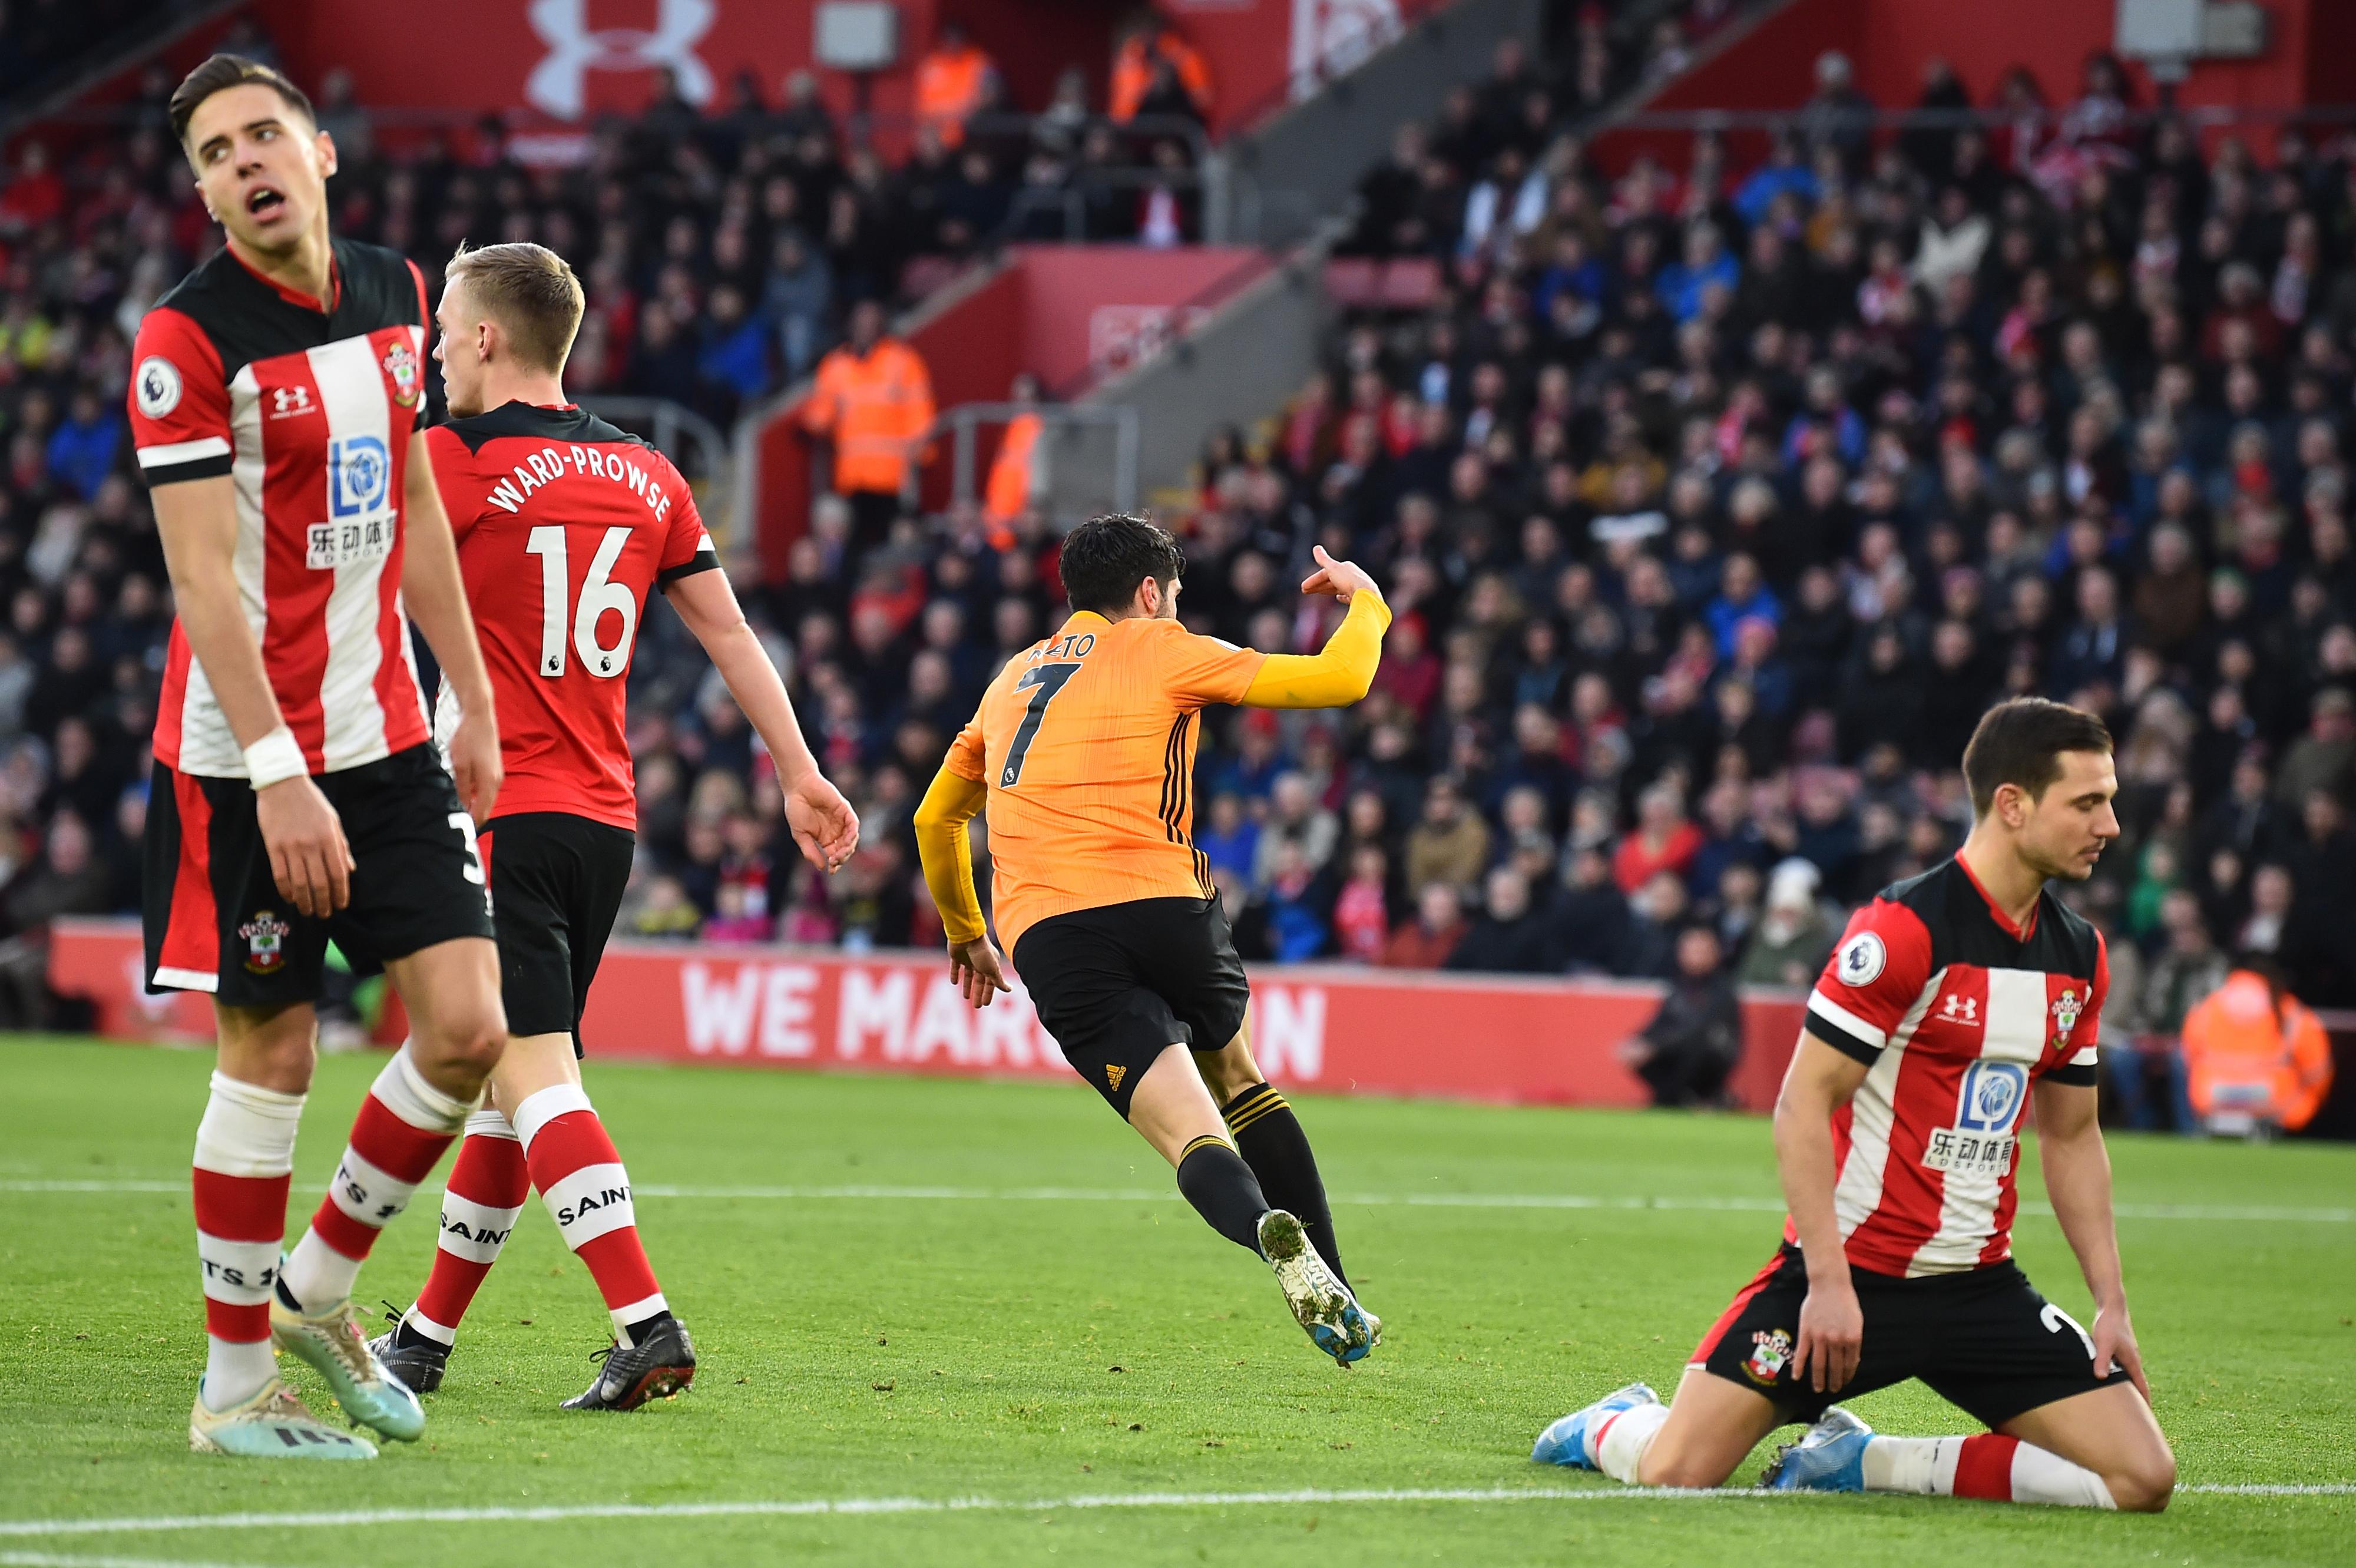 Wolverhampton em grande: reviravolta fantástica e mais uma vitória